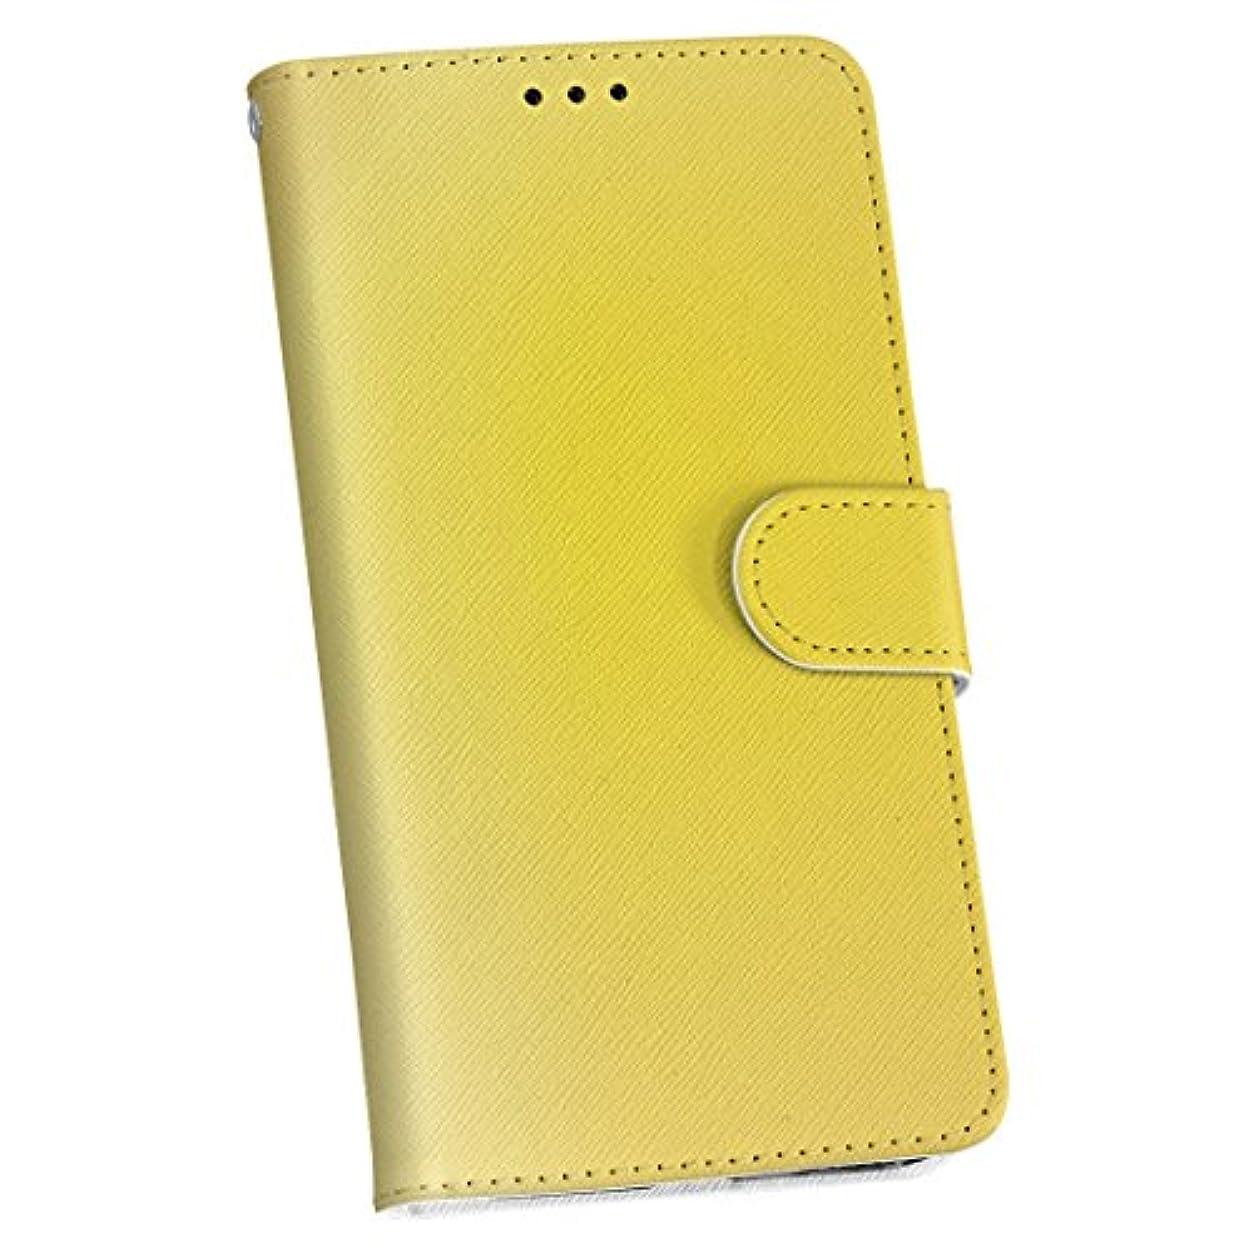 忌まわしいフォーマル胚igcase Sony Xperia XZs SO-03J 専用ケース 手帳型 スマホカバー カバー ケース フリップ ダイアリー 二つ折り スマコレ 001951 その他 花 フラワー 黄色